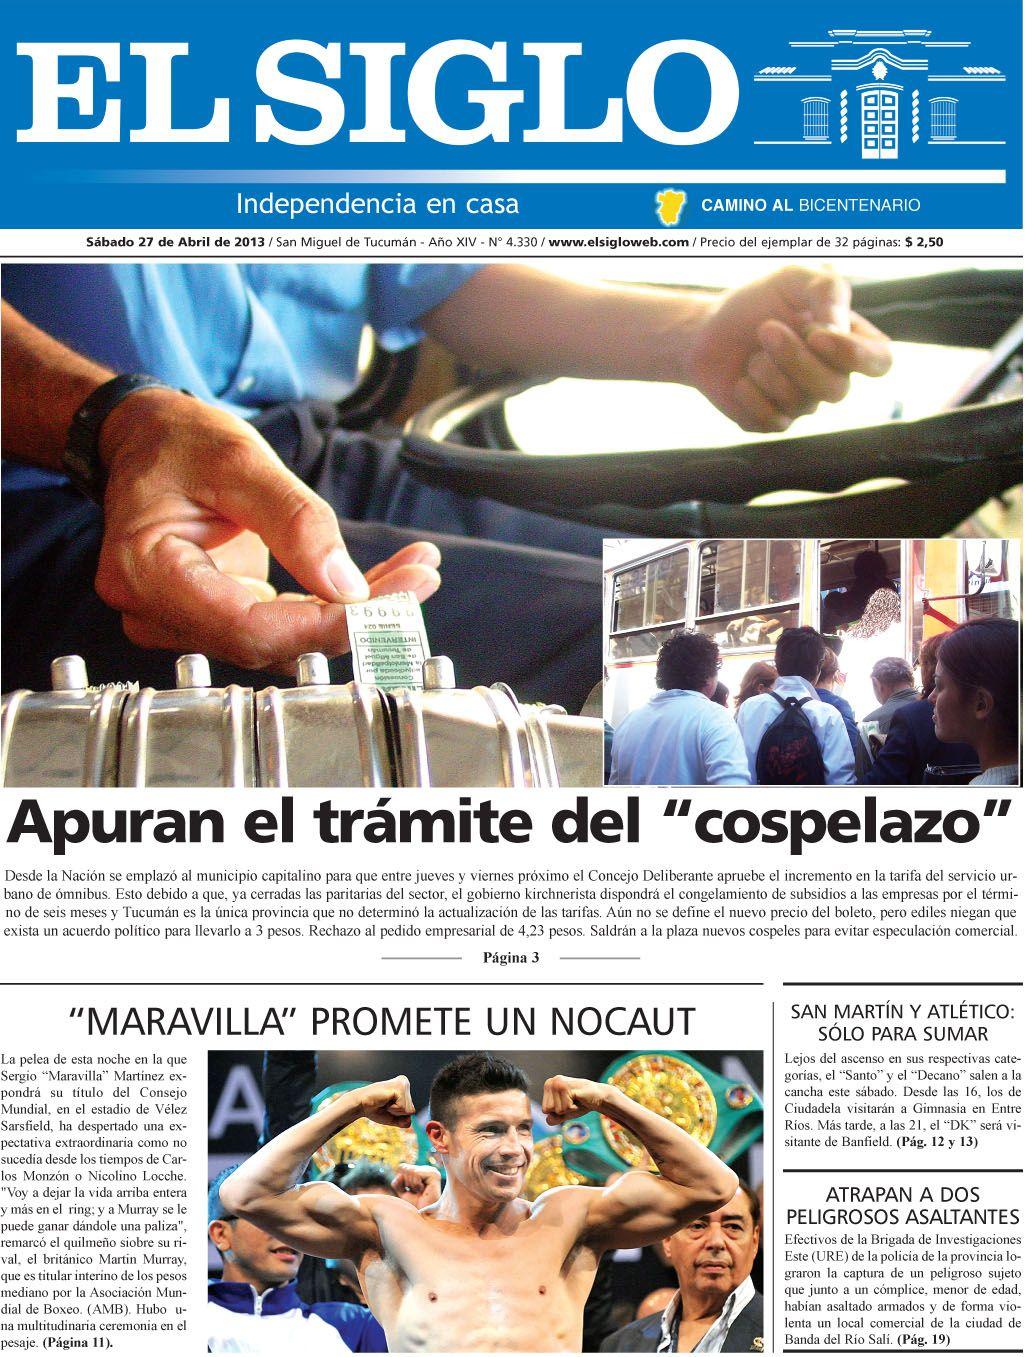 Diario El Siglo - Sábado 27 de Abril de 20 13